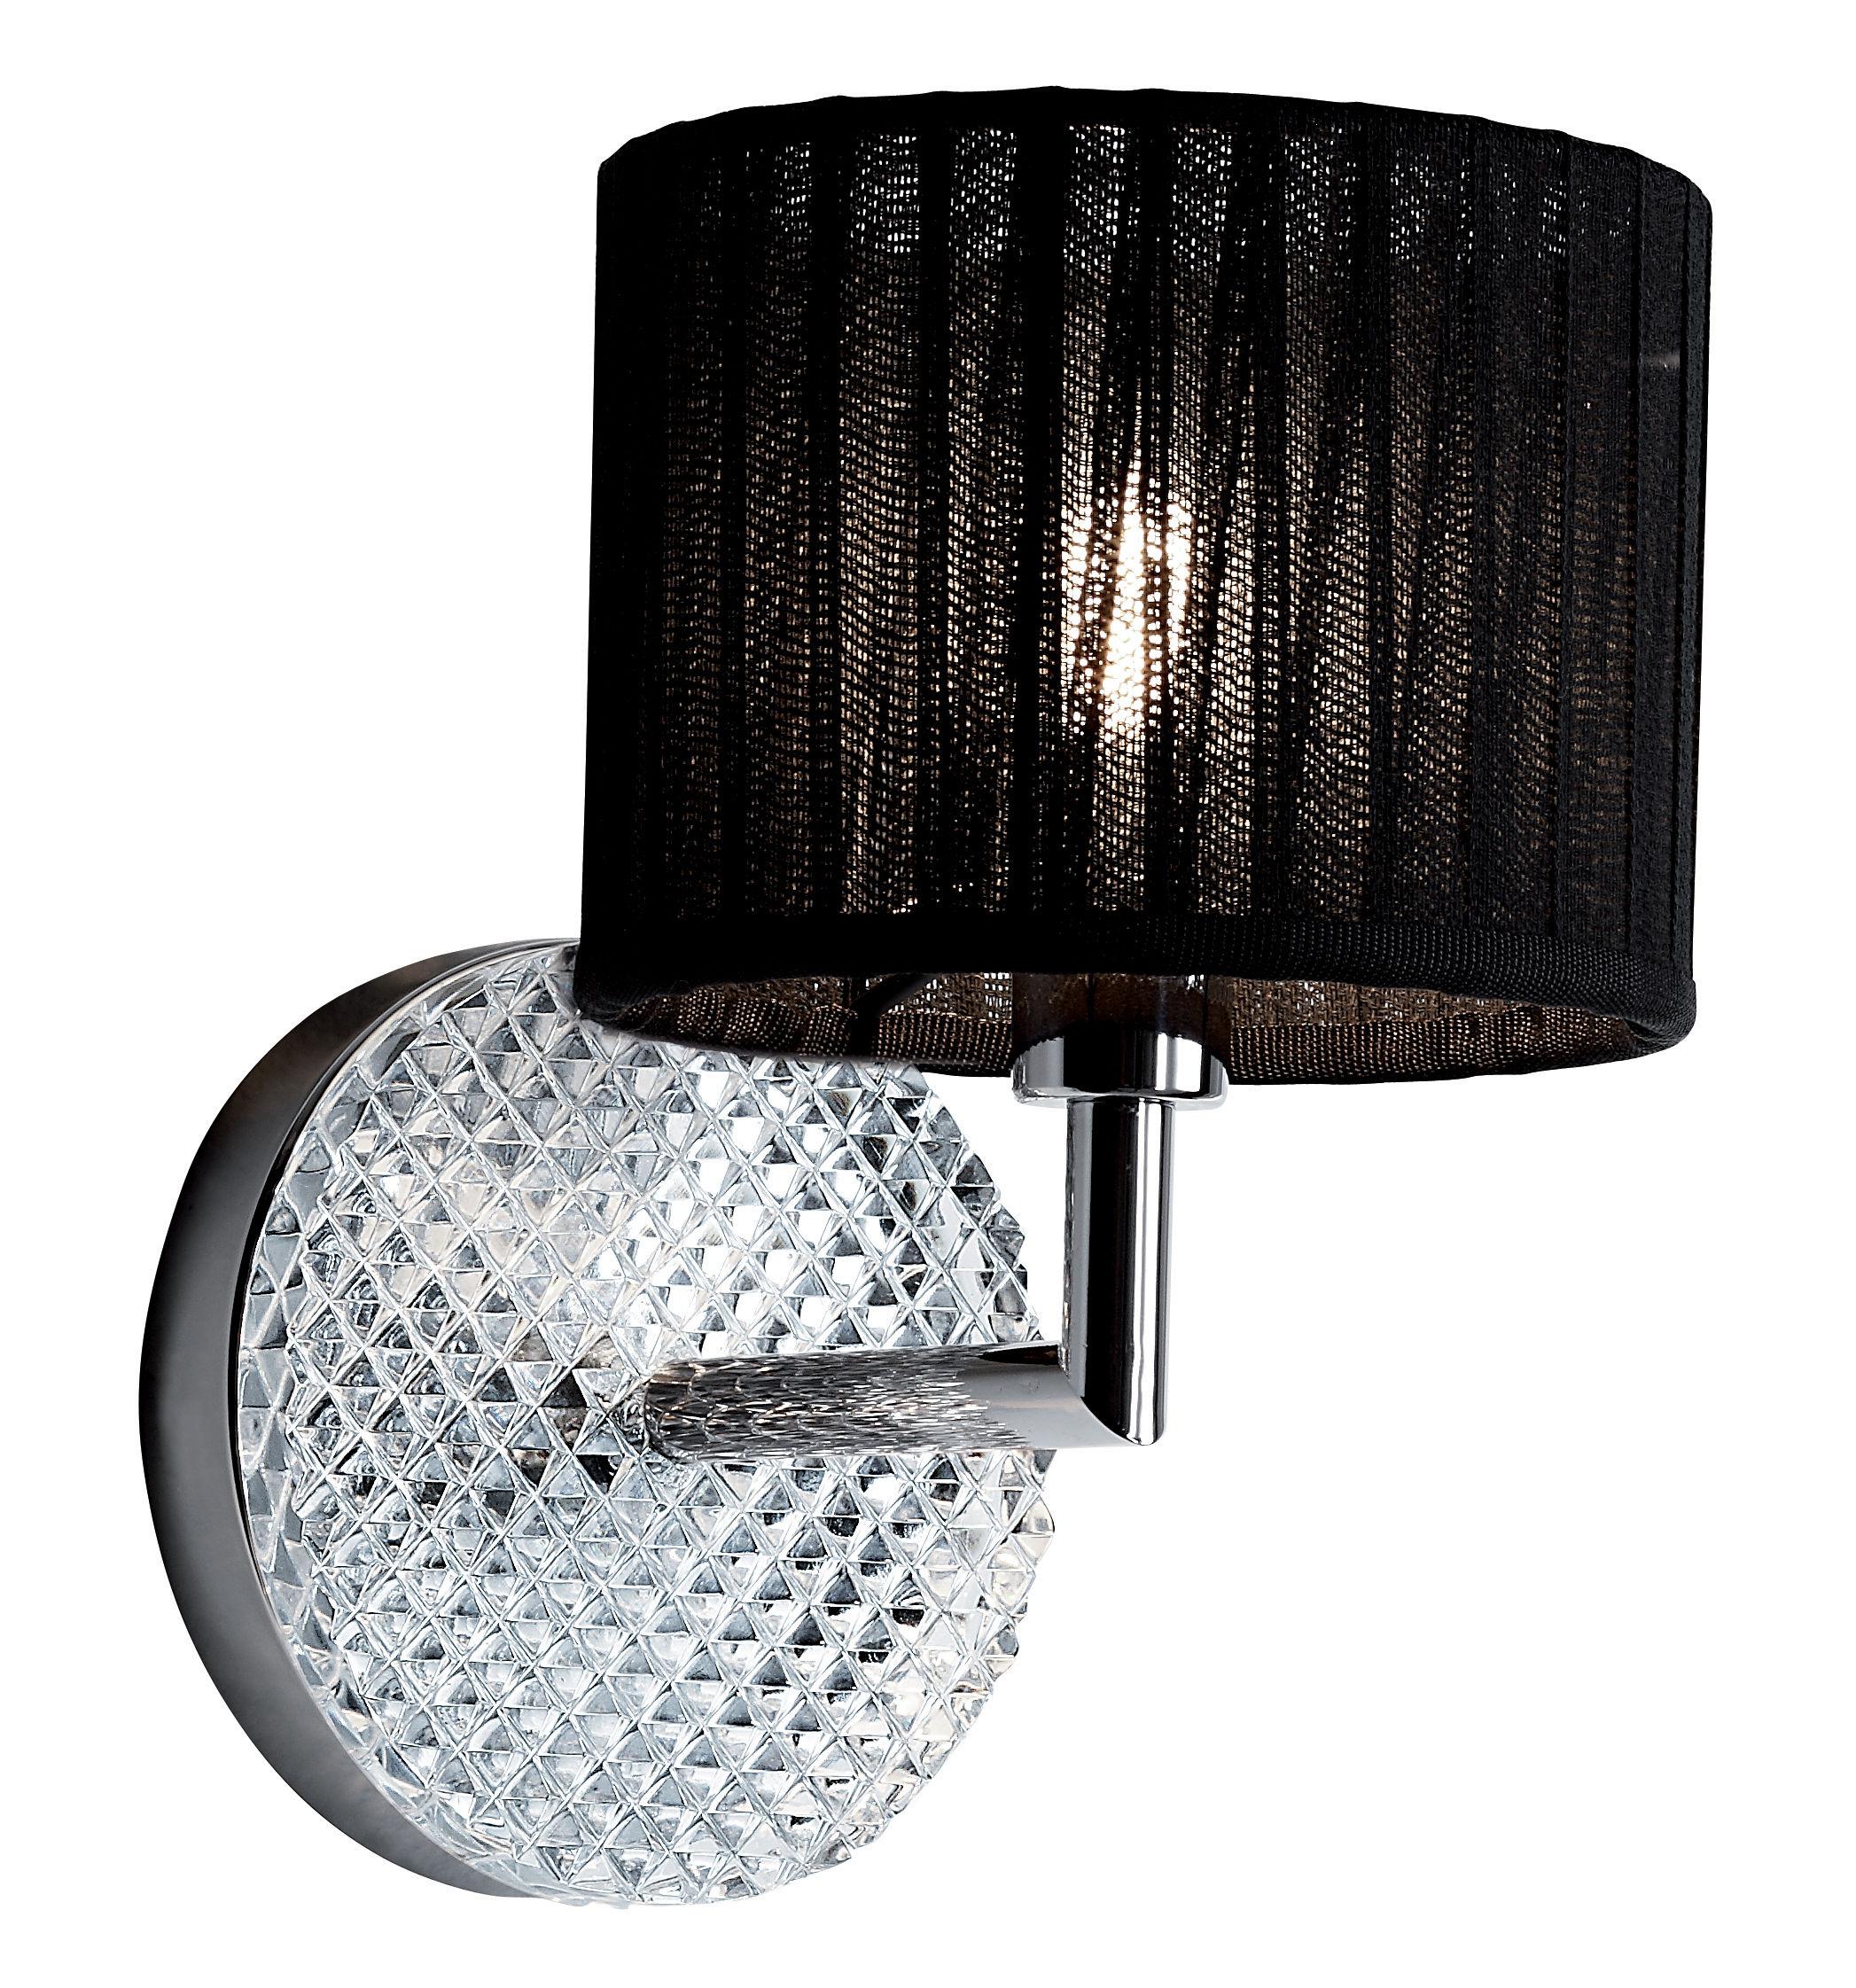 Luminaire - Appliques - Applique Diamond Swirl - Fabbian - Noir - Métal chromé, Organdi, Verre